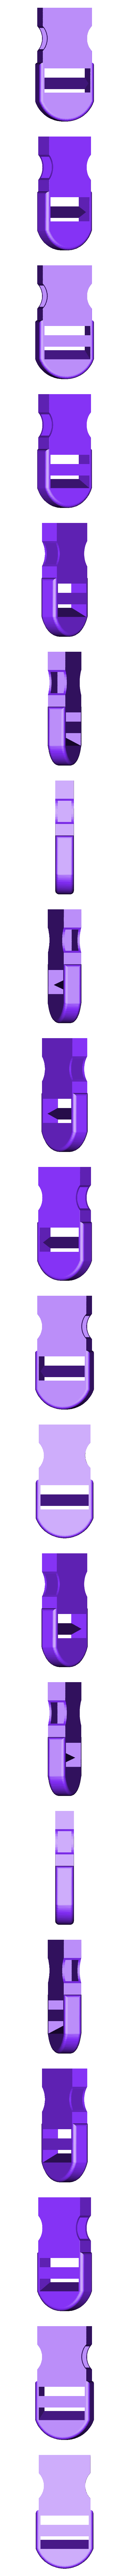 femel'.STL Télécharger fichier STL gratuit clip attache  • Modèle imprimable en 3D, le-padre